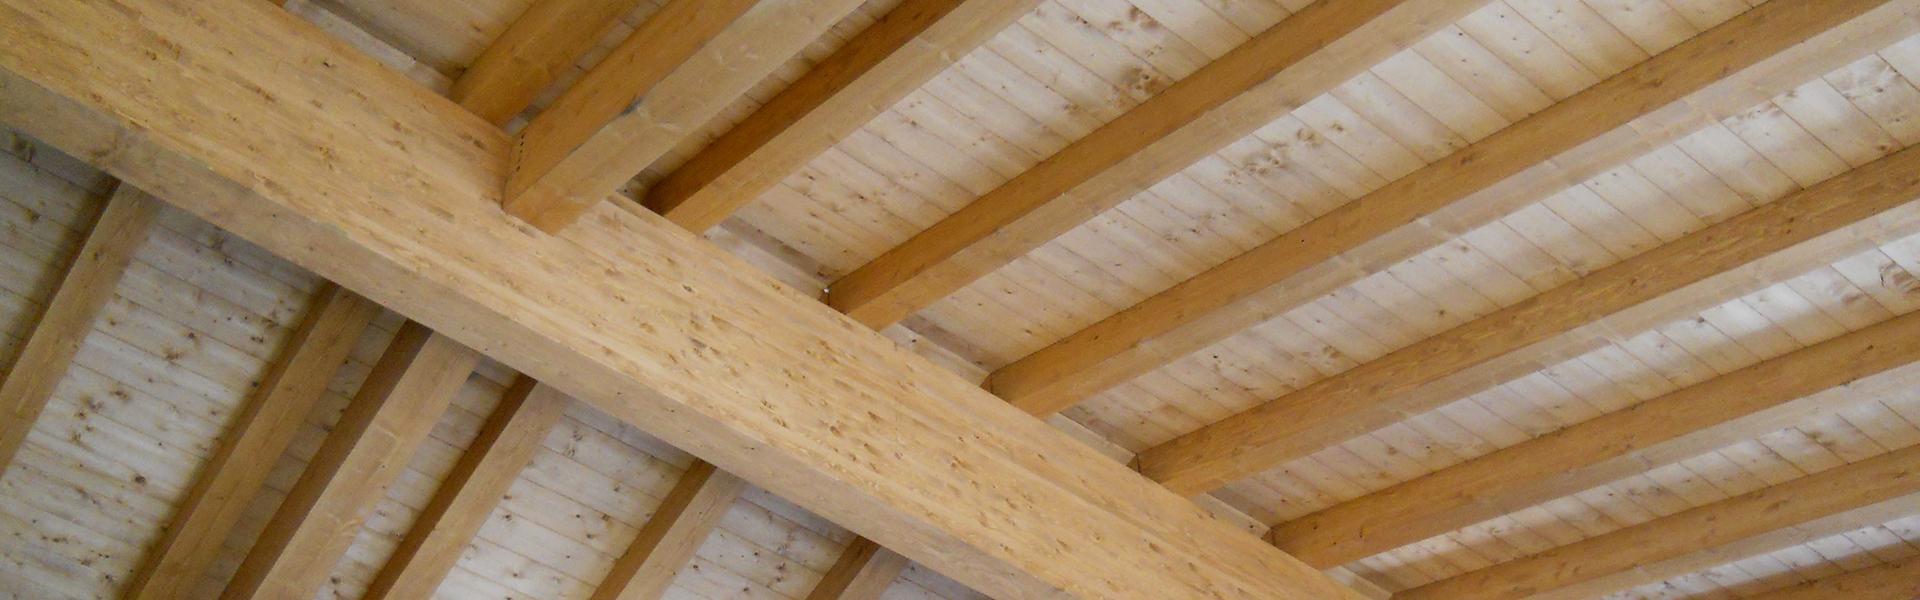 Luci Per Tettoia In Legno quale tipo di legno? - zini